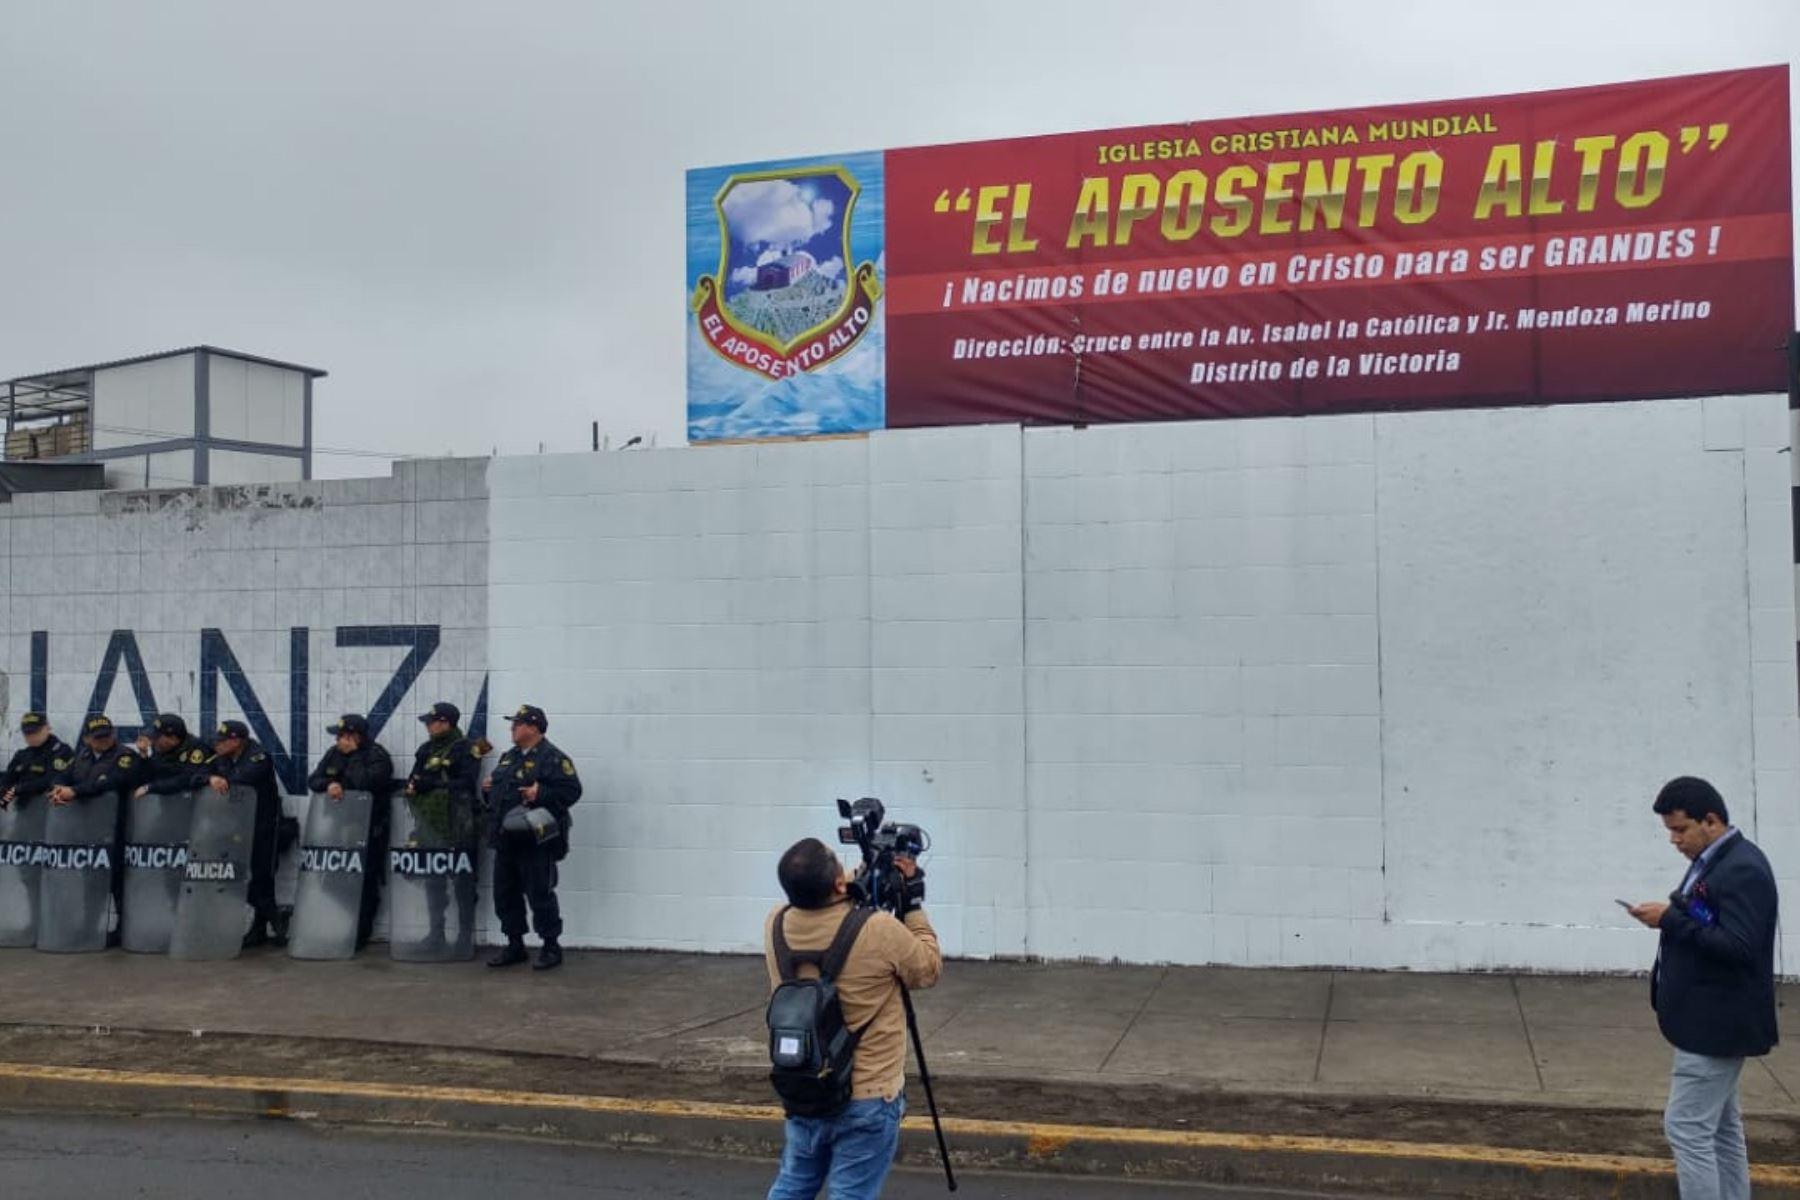 Grupo evangélico tomó posesión de la explanada del Matute, estadio de Alianza Lima. La Policía Nacional y Fiscalía ya se encuentran en el lugar. Foto: ANDINA/Norman Córdova